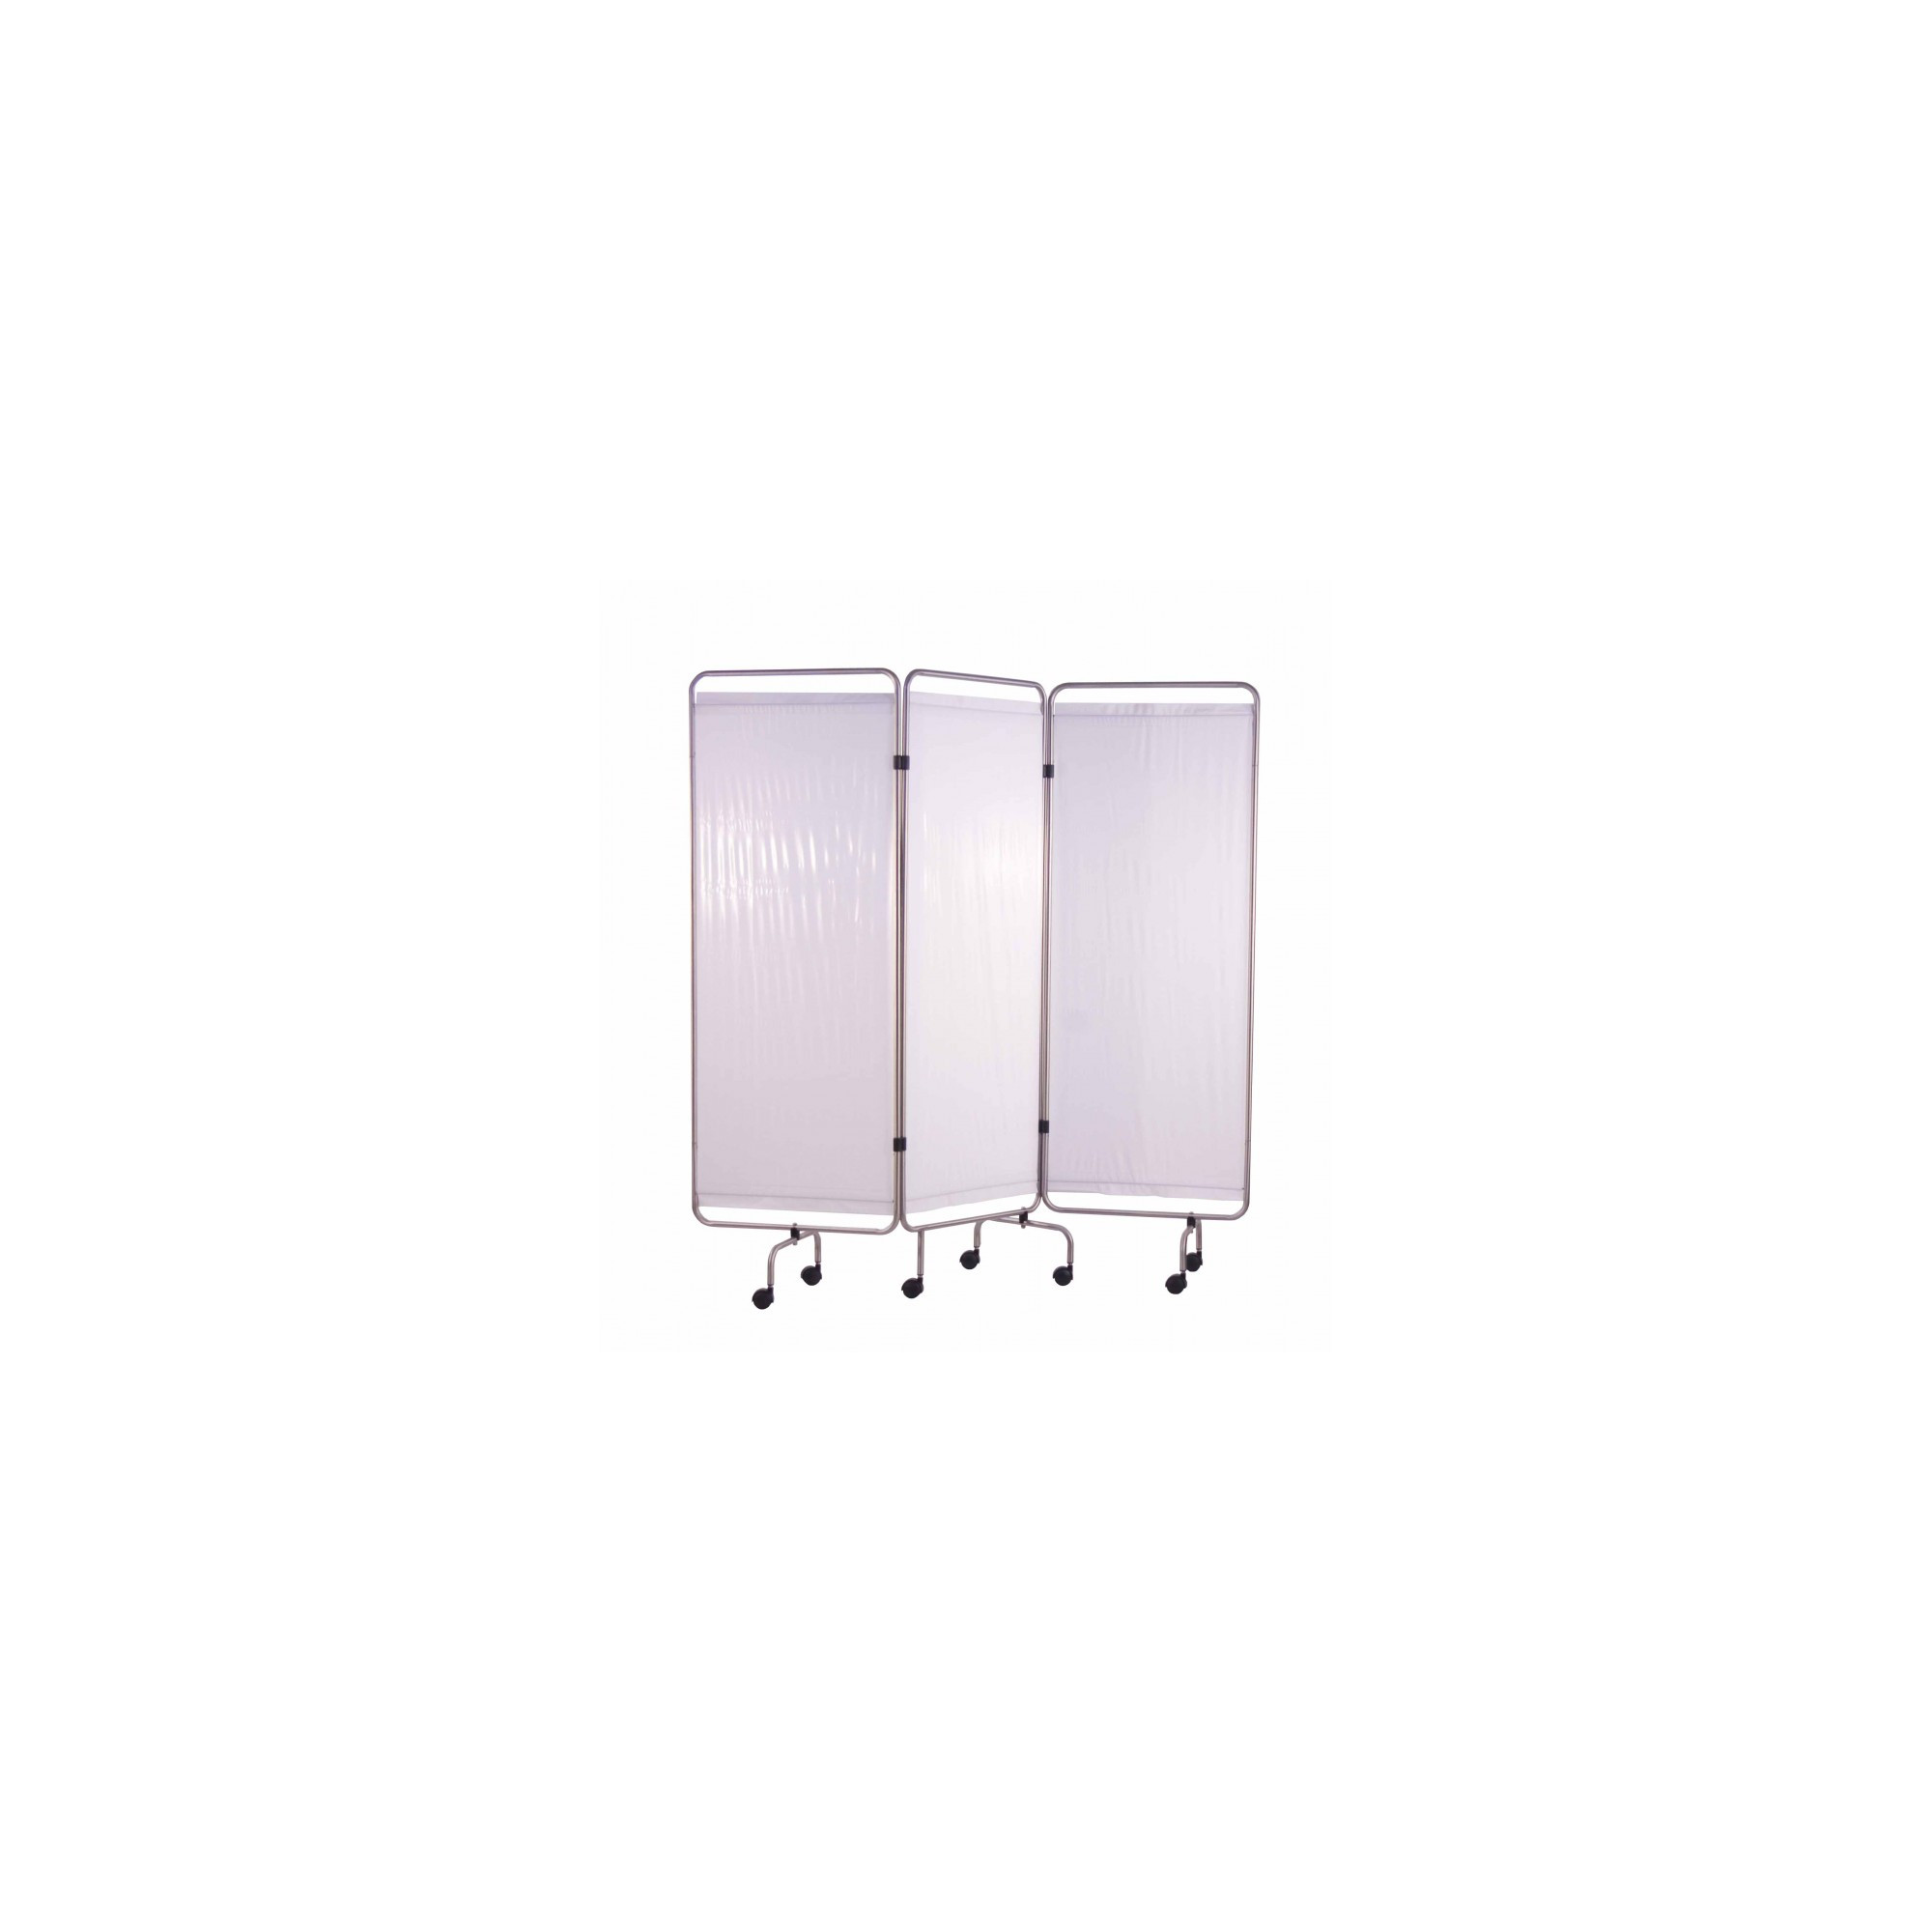 Paravent Inox 3 Panneaux avec Rideaux Tendus - Blanc